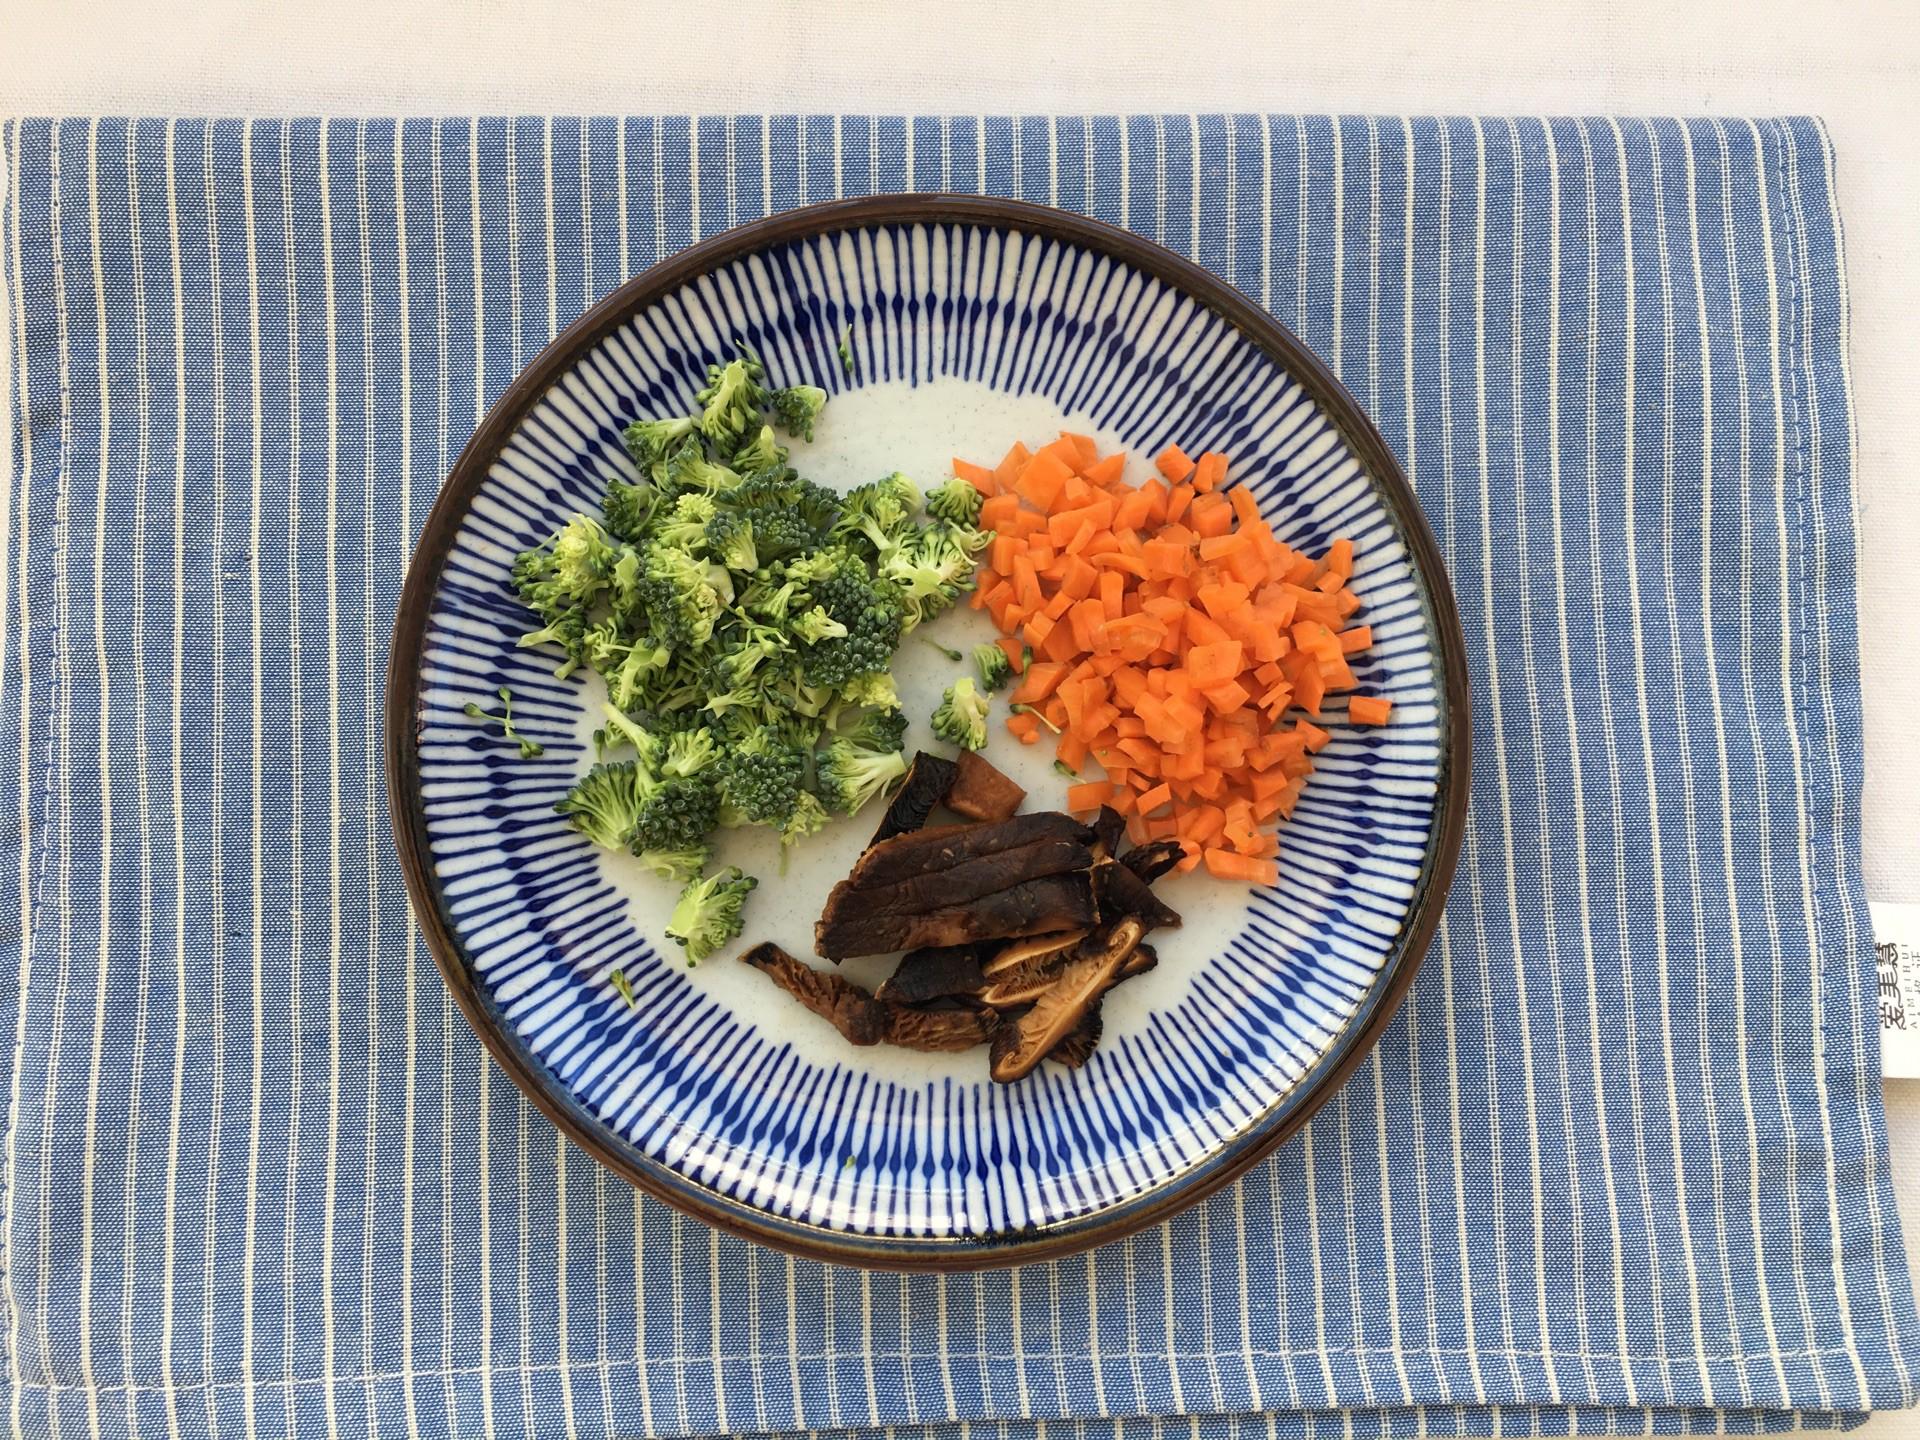 Đổi món cho bữa sáng với cháo gà tôm ngọt thơm đầy dinh dưỡng - Ảnh 5